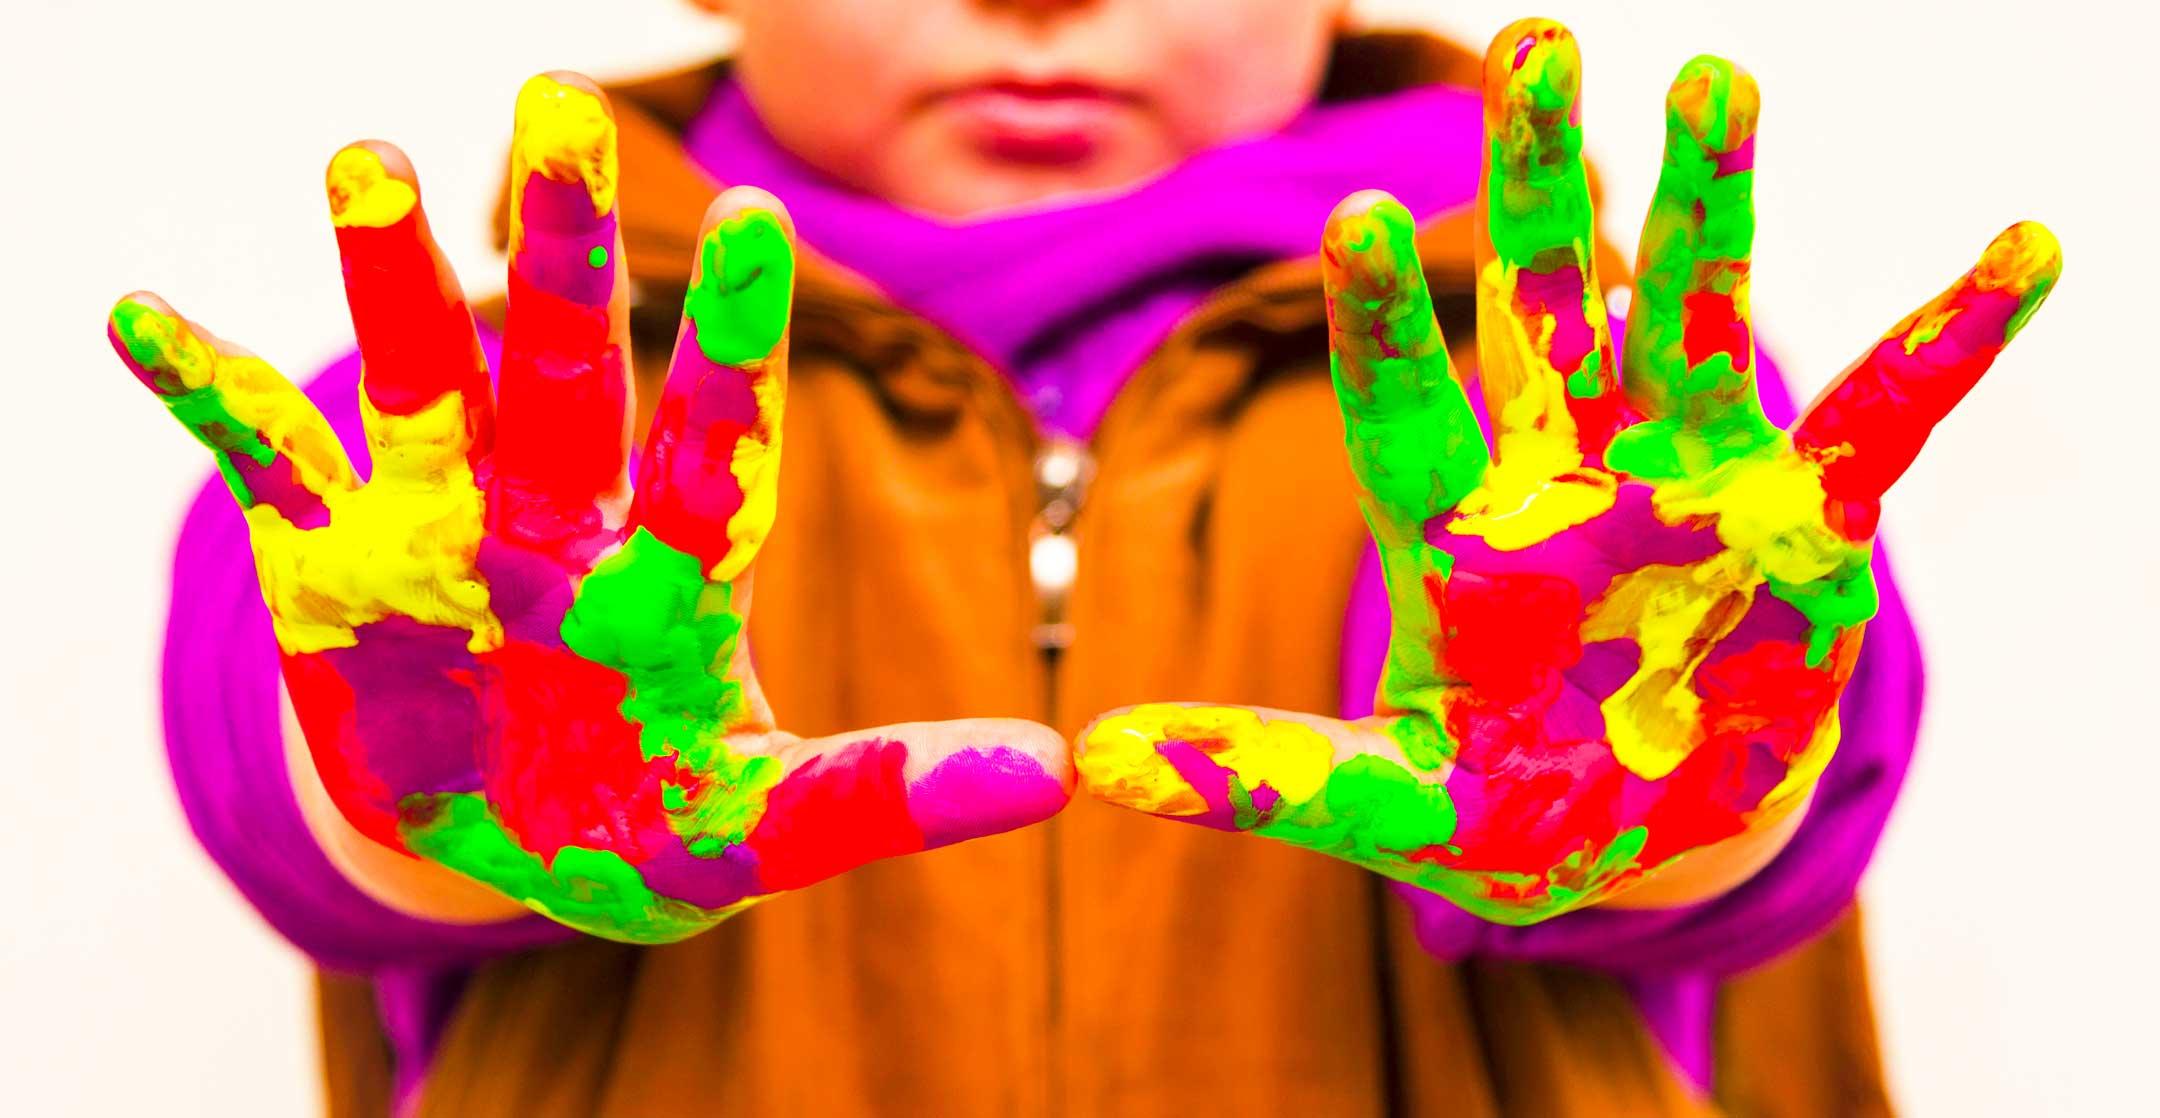 Värikkäissä vaatteissa oleva lapsi on ojentanut kämmenet kohden katsojaa, kämmenet ovat kauttaaltaan maalattu erivärisillä maaleilla.